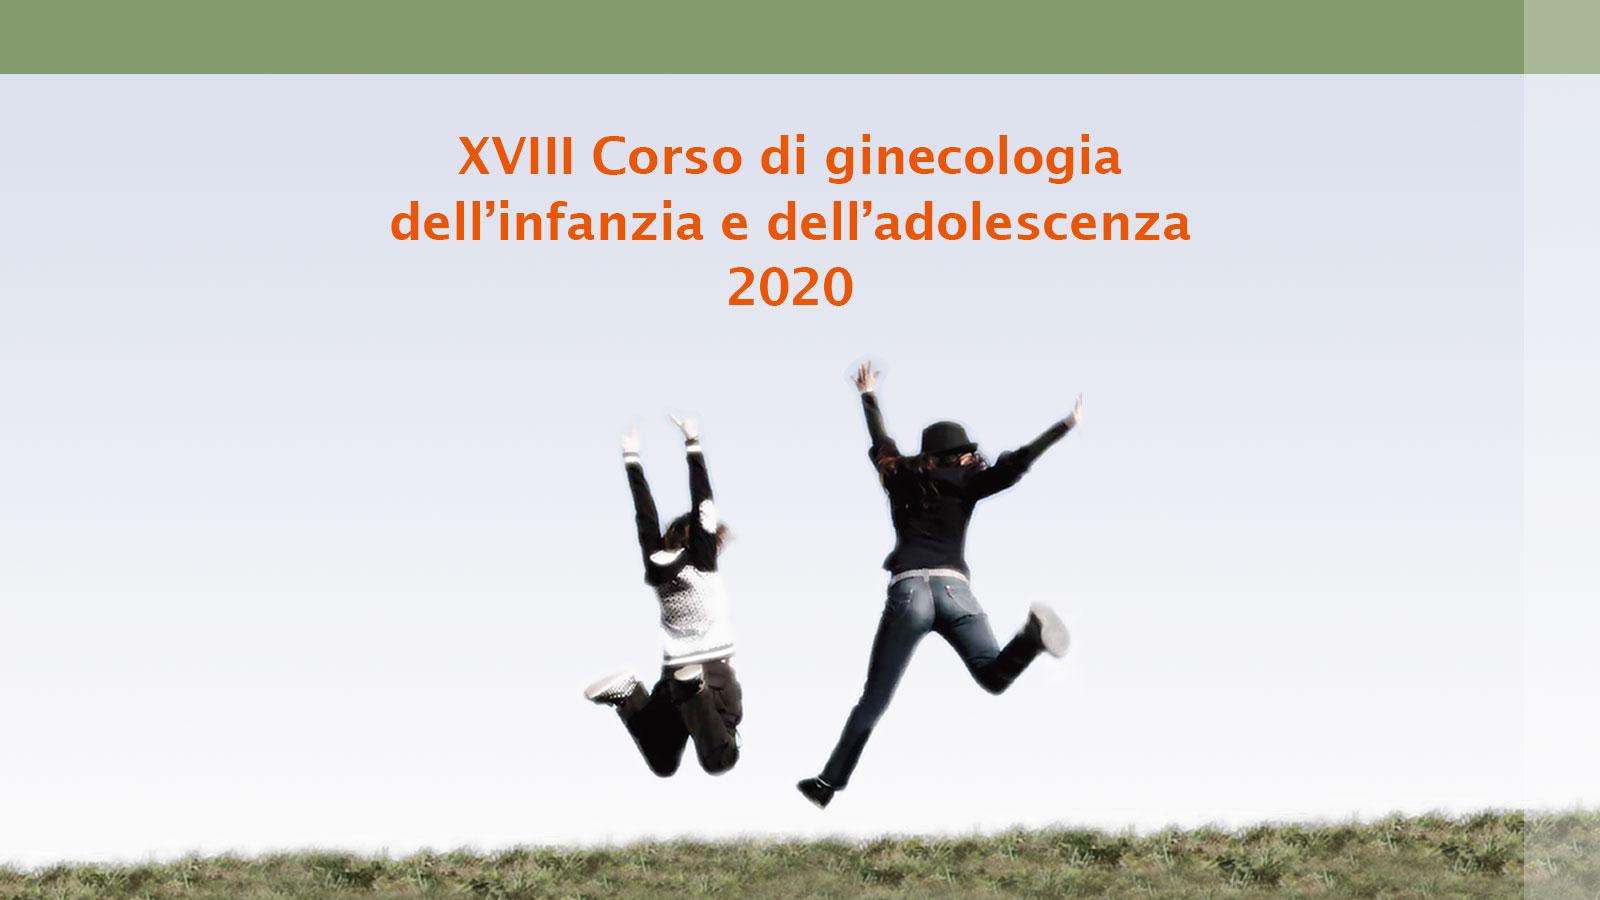 XVIII Corso di ginecologia dell'infanzia e dell'adolescenza – 2020